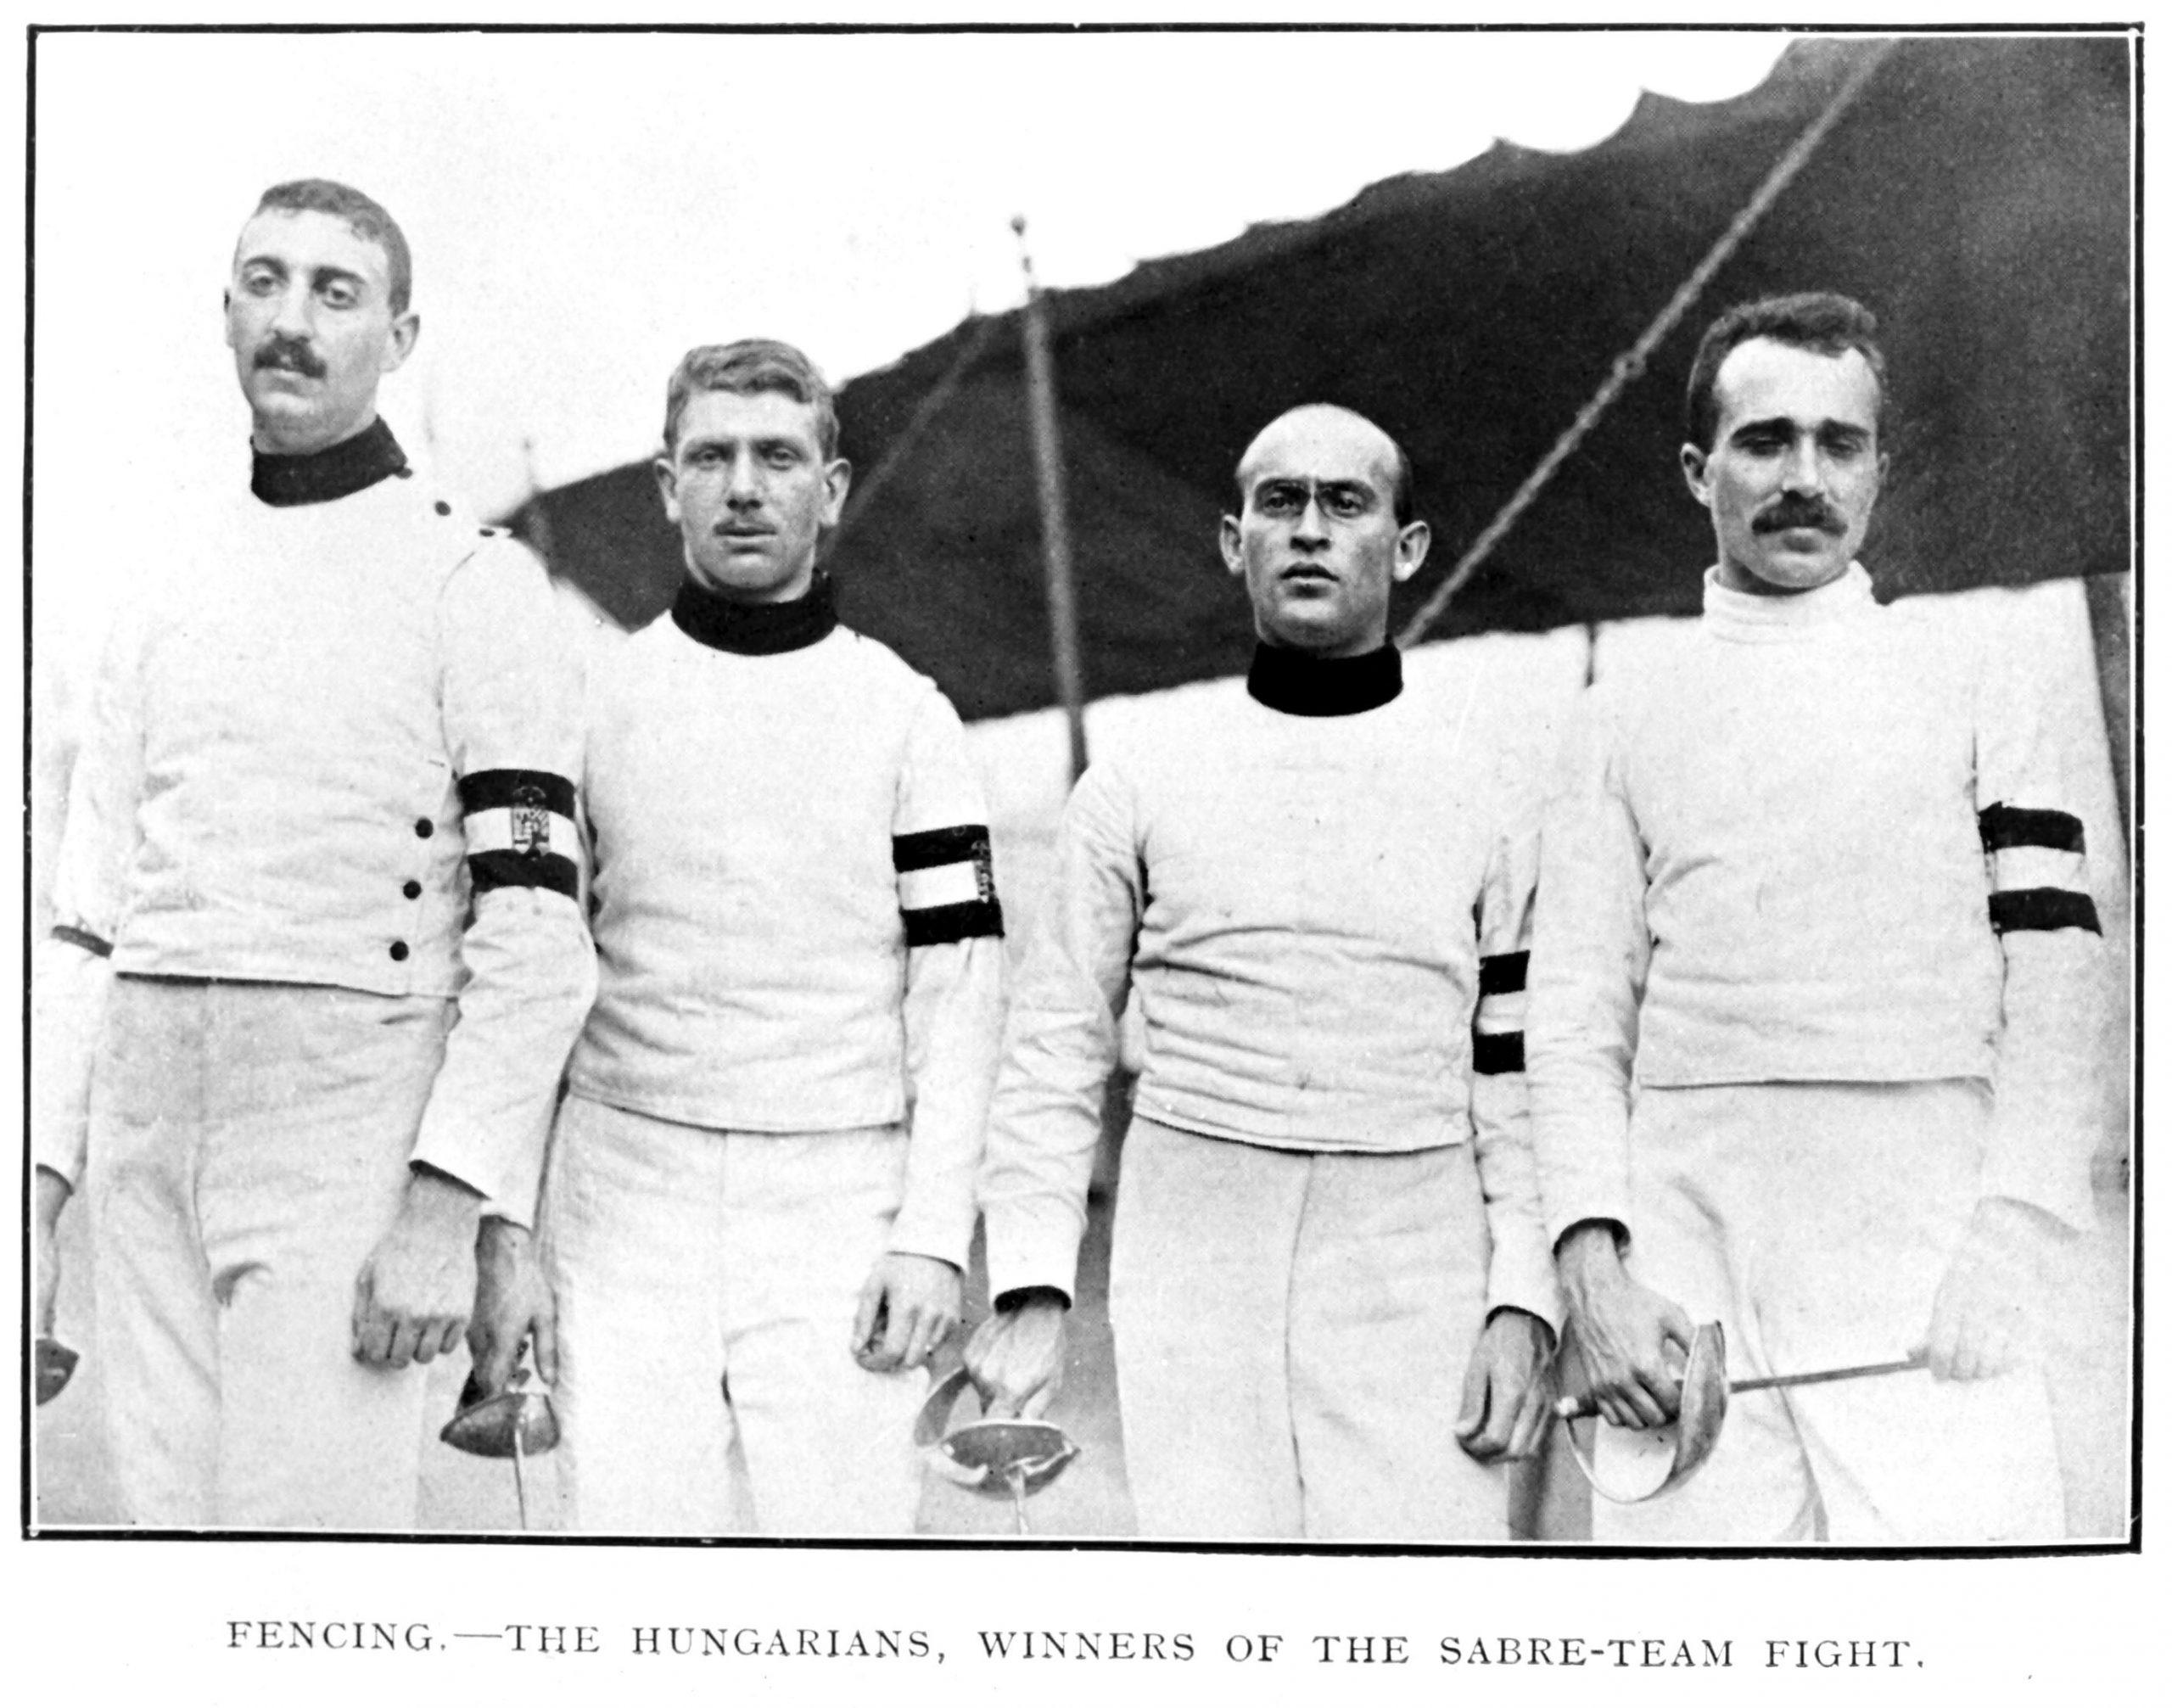 Az olimpiai bajnok férfi kardcsapat tagjainak csapatképe Londonból: Werkner Lajos, Gerde Oszkár, Fuchs Jenõ és Tóth Péter / Fotó: MTI